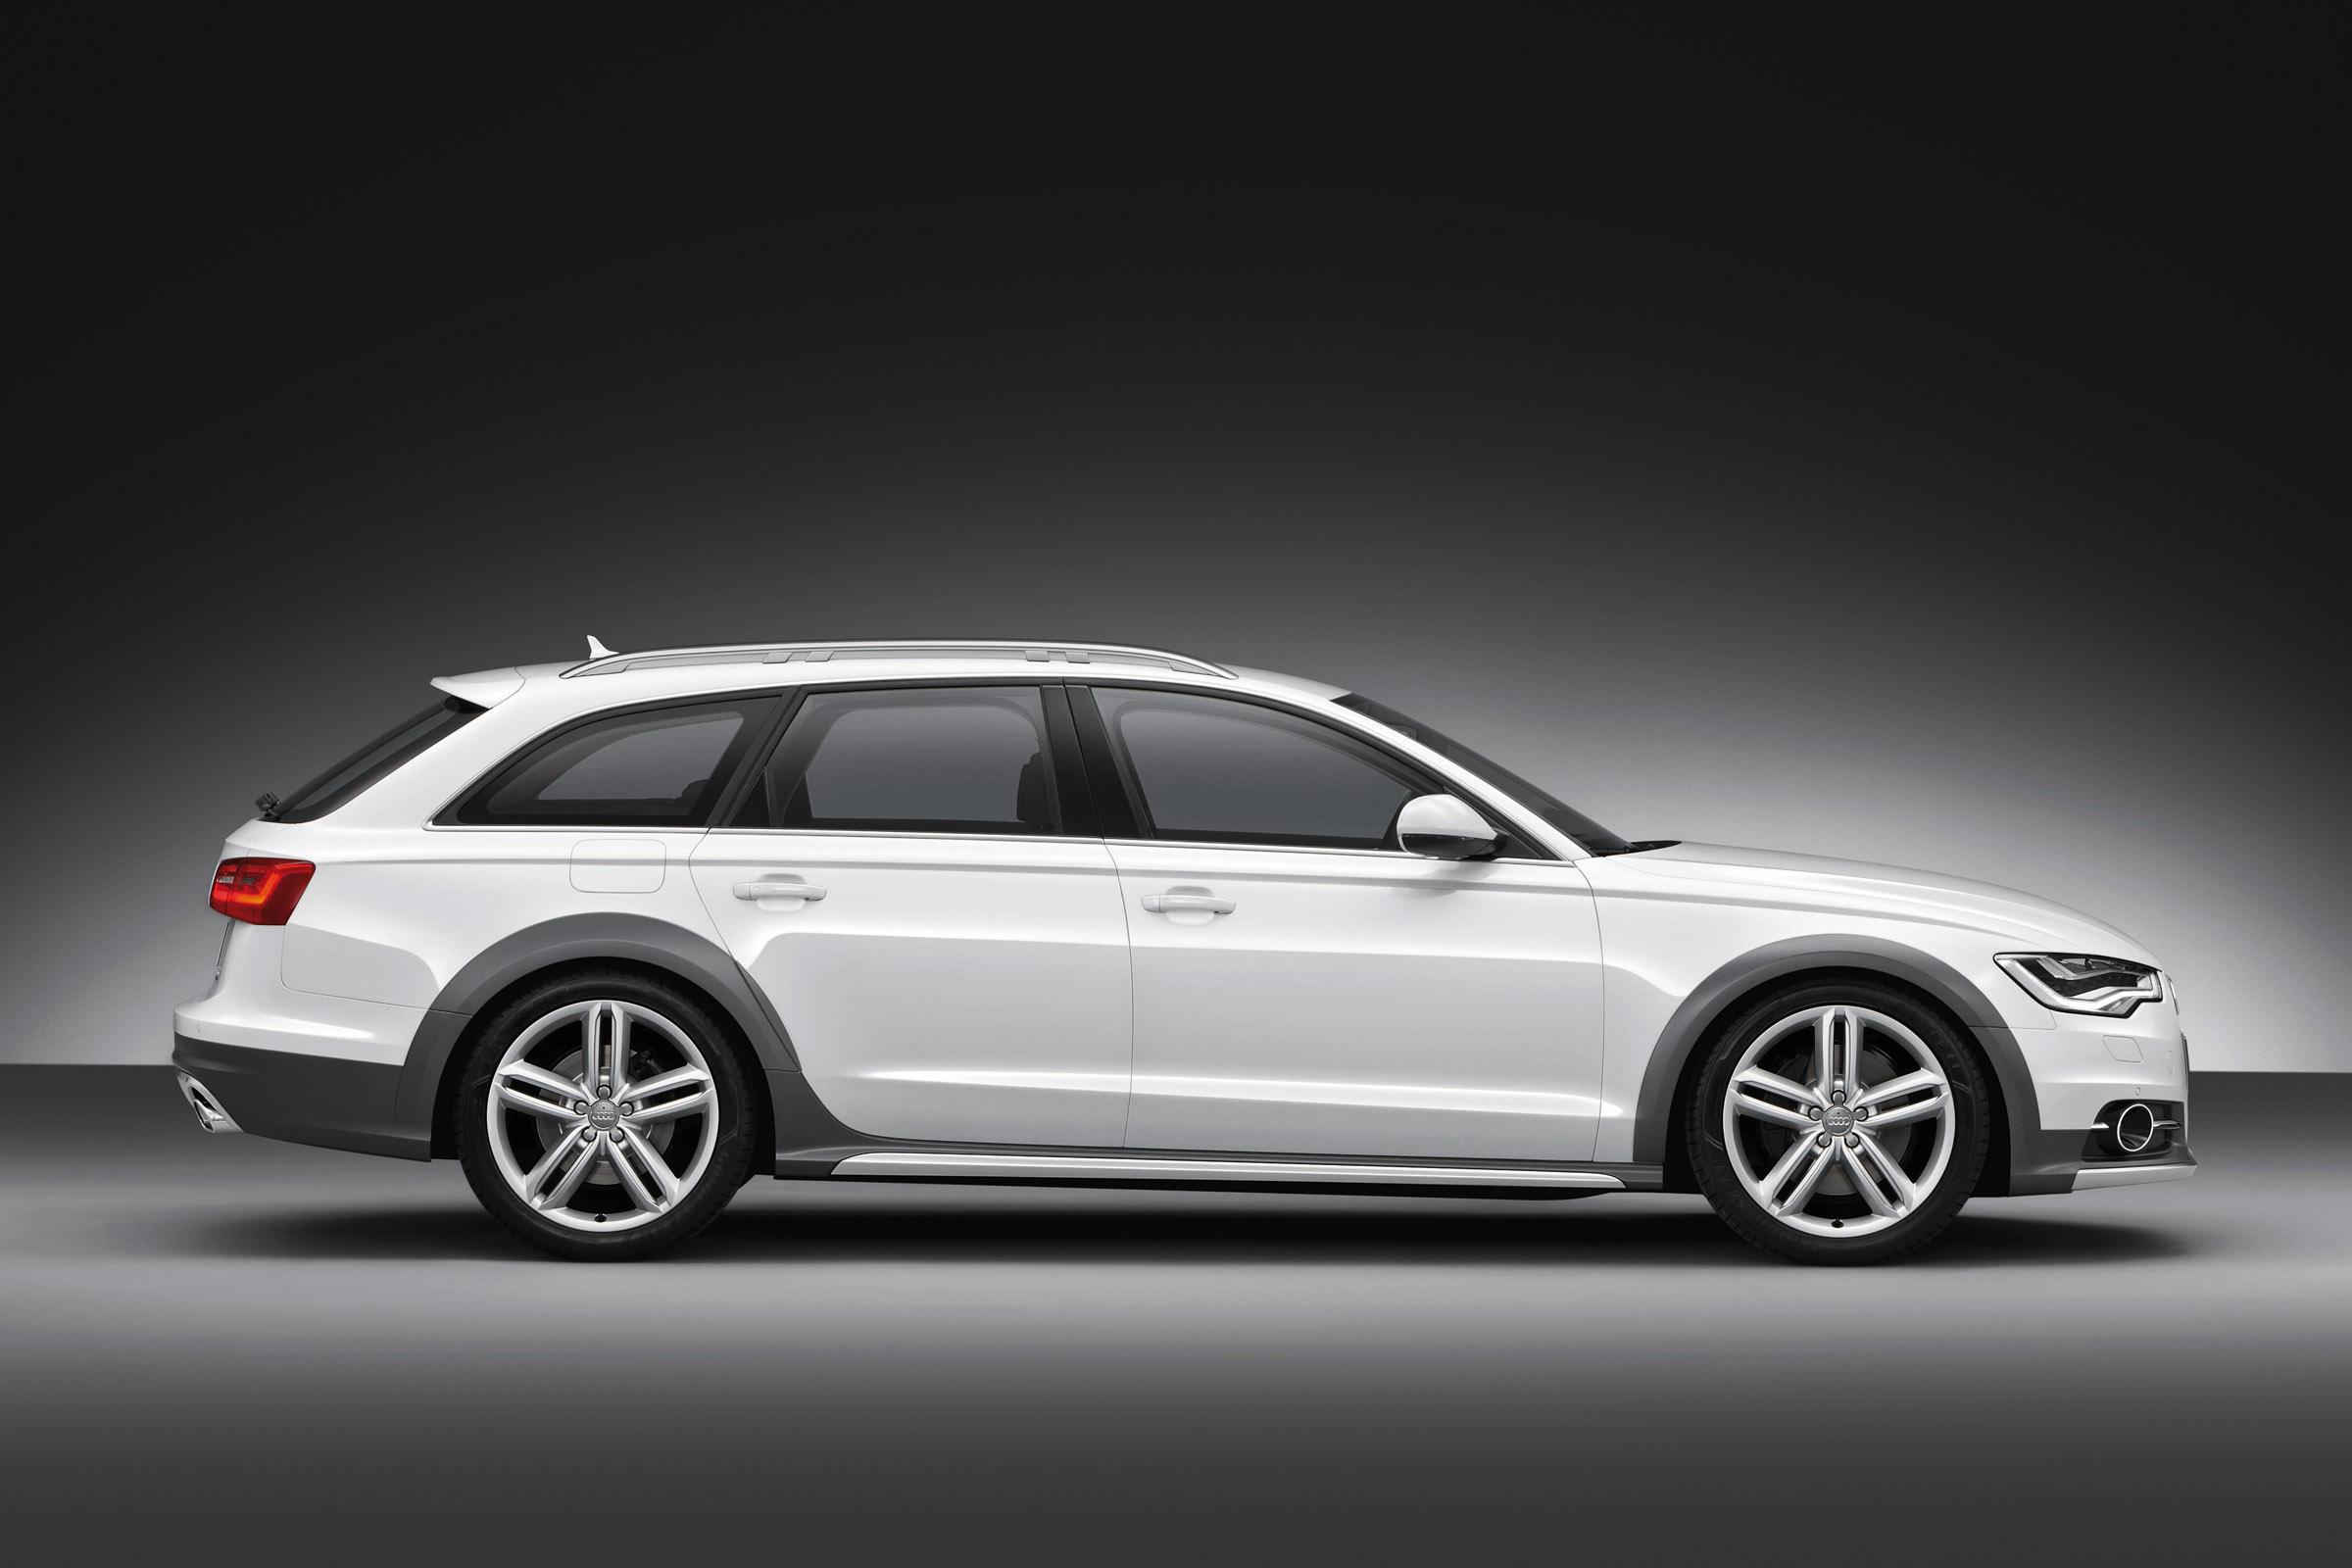 2012 Audi A6 Allroad Quattro – Price €54 600